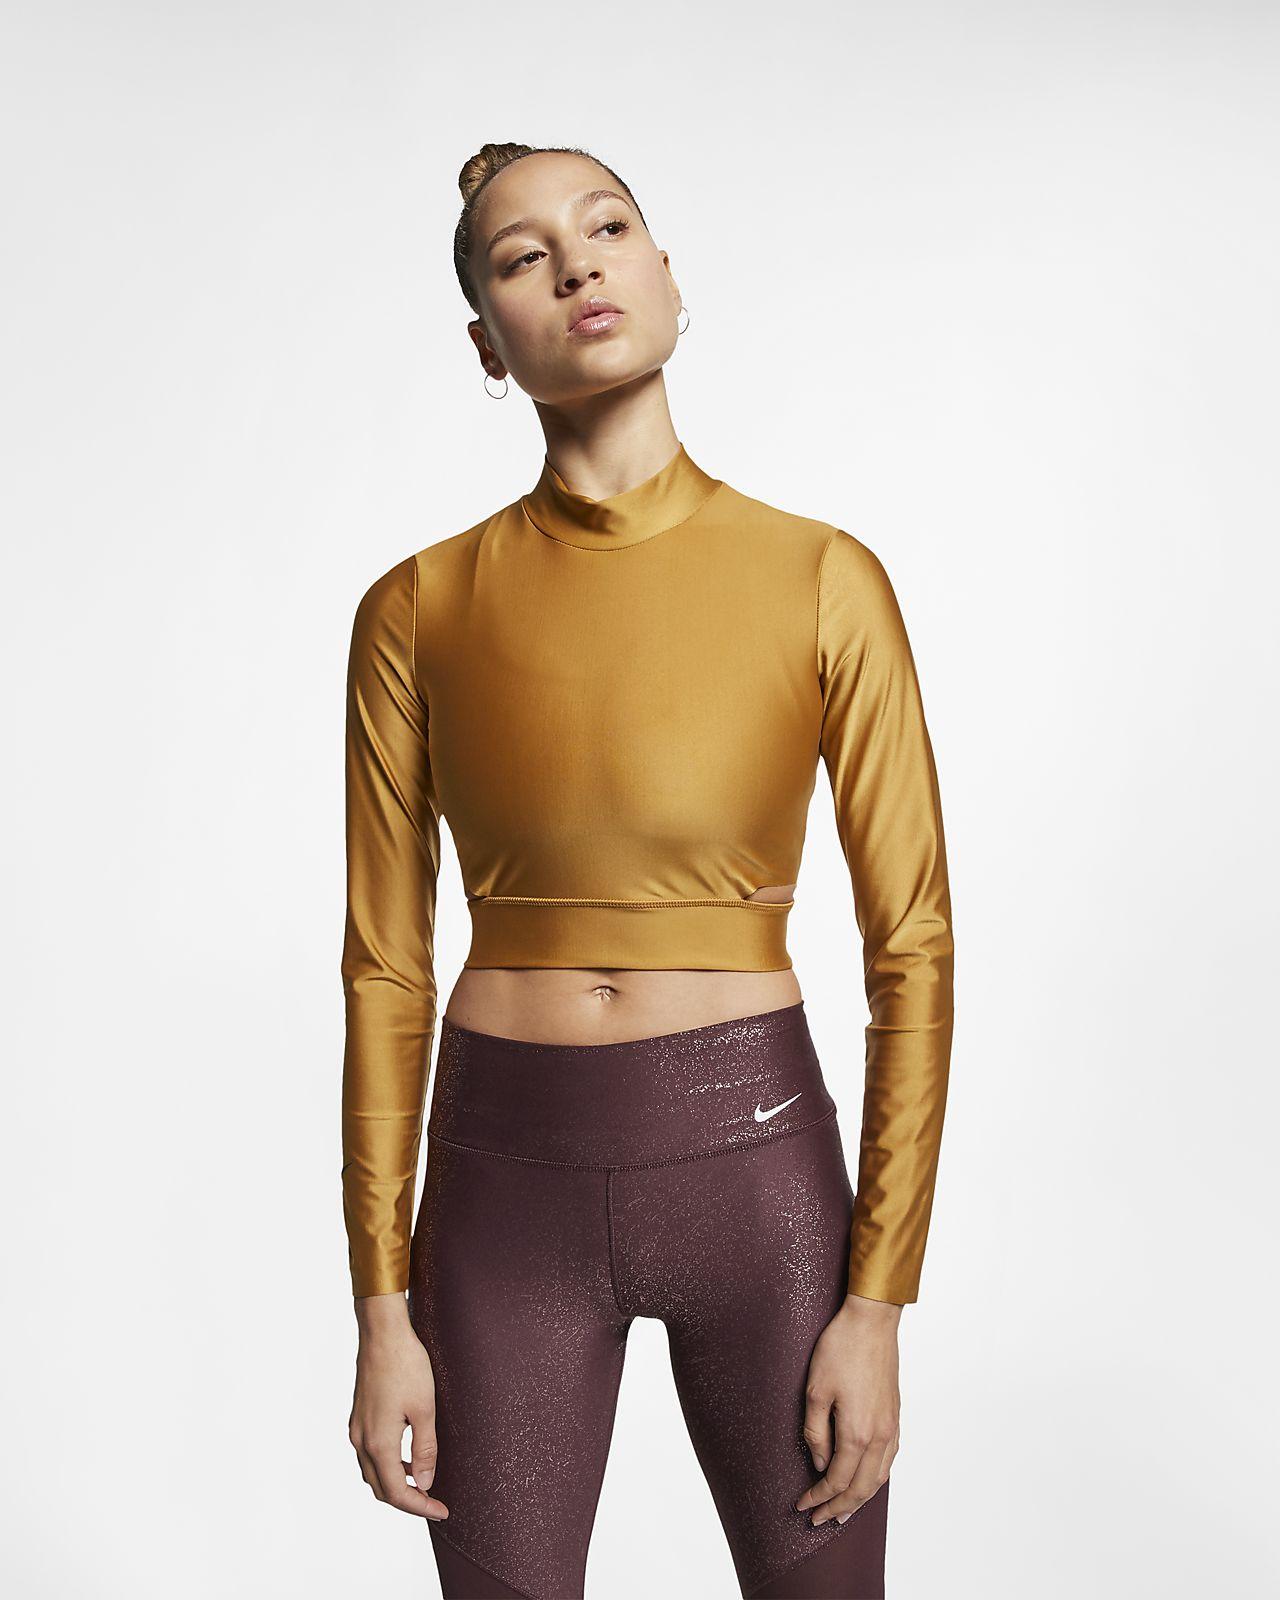 Nike Women's Long-Sleeve Training Top